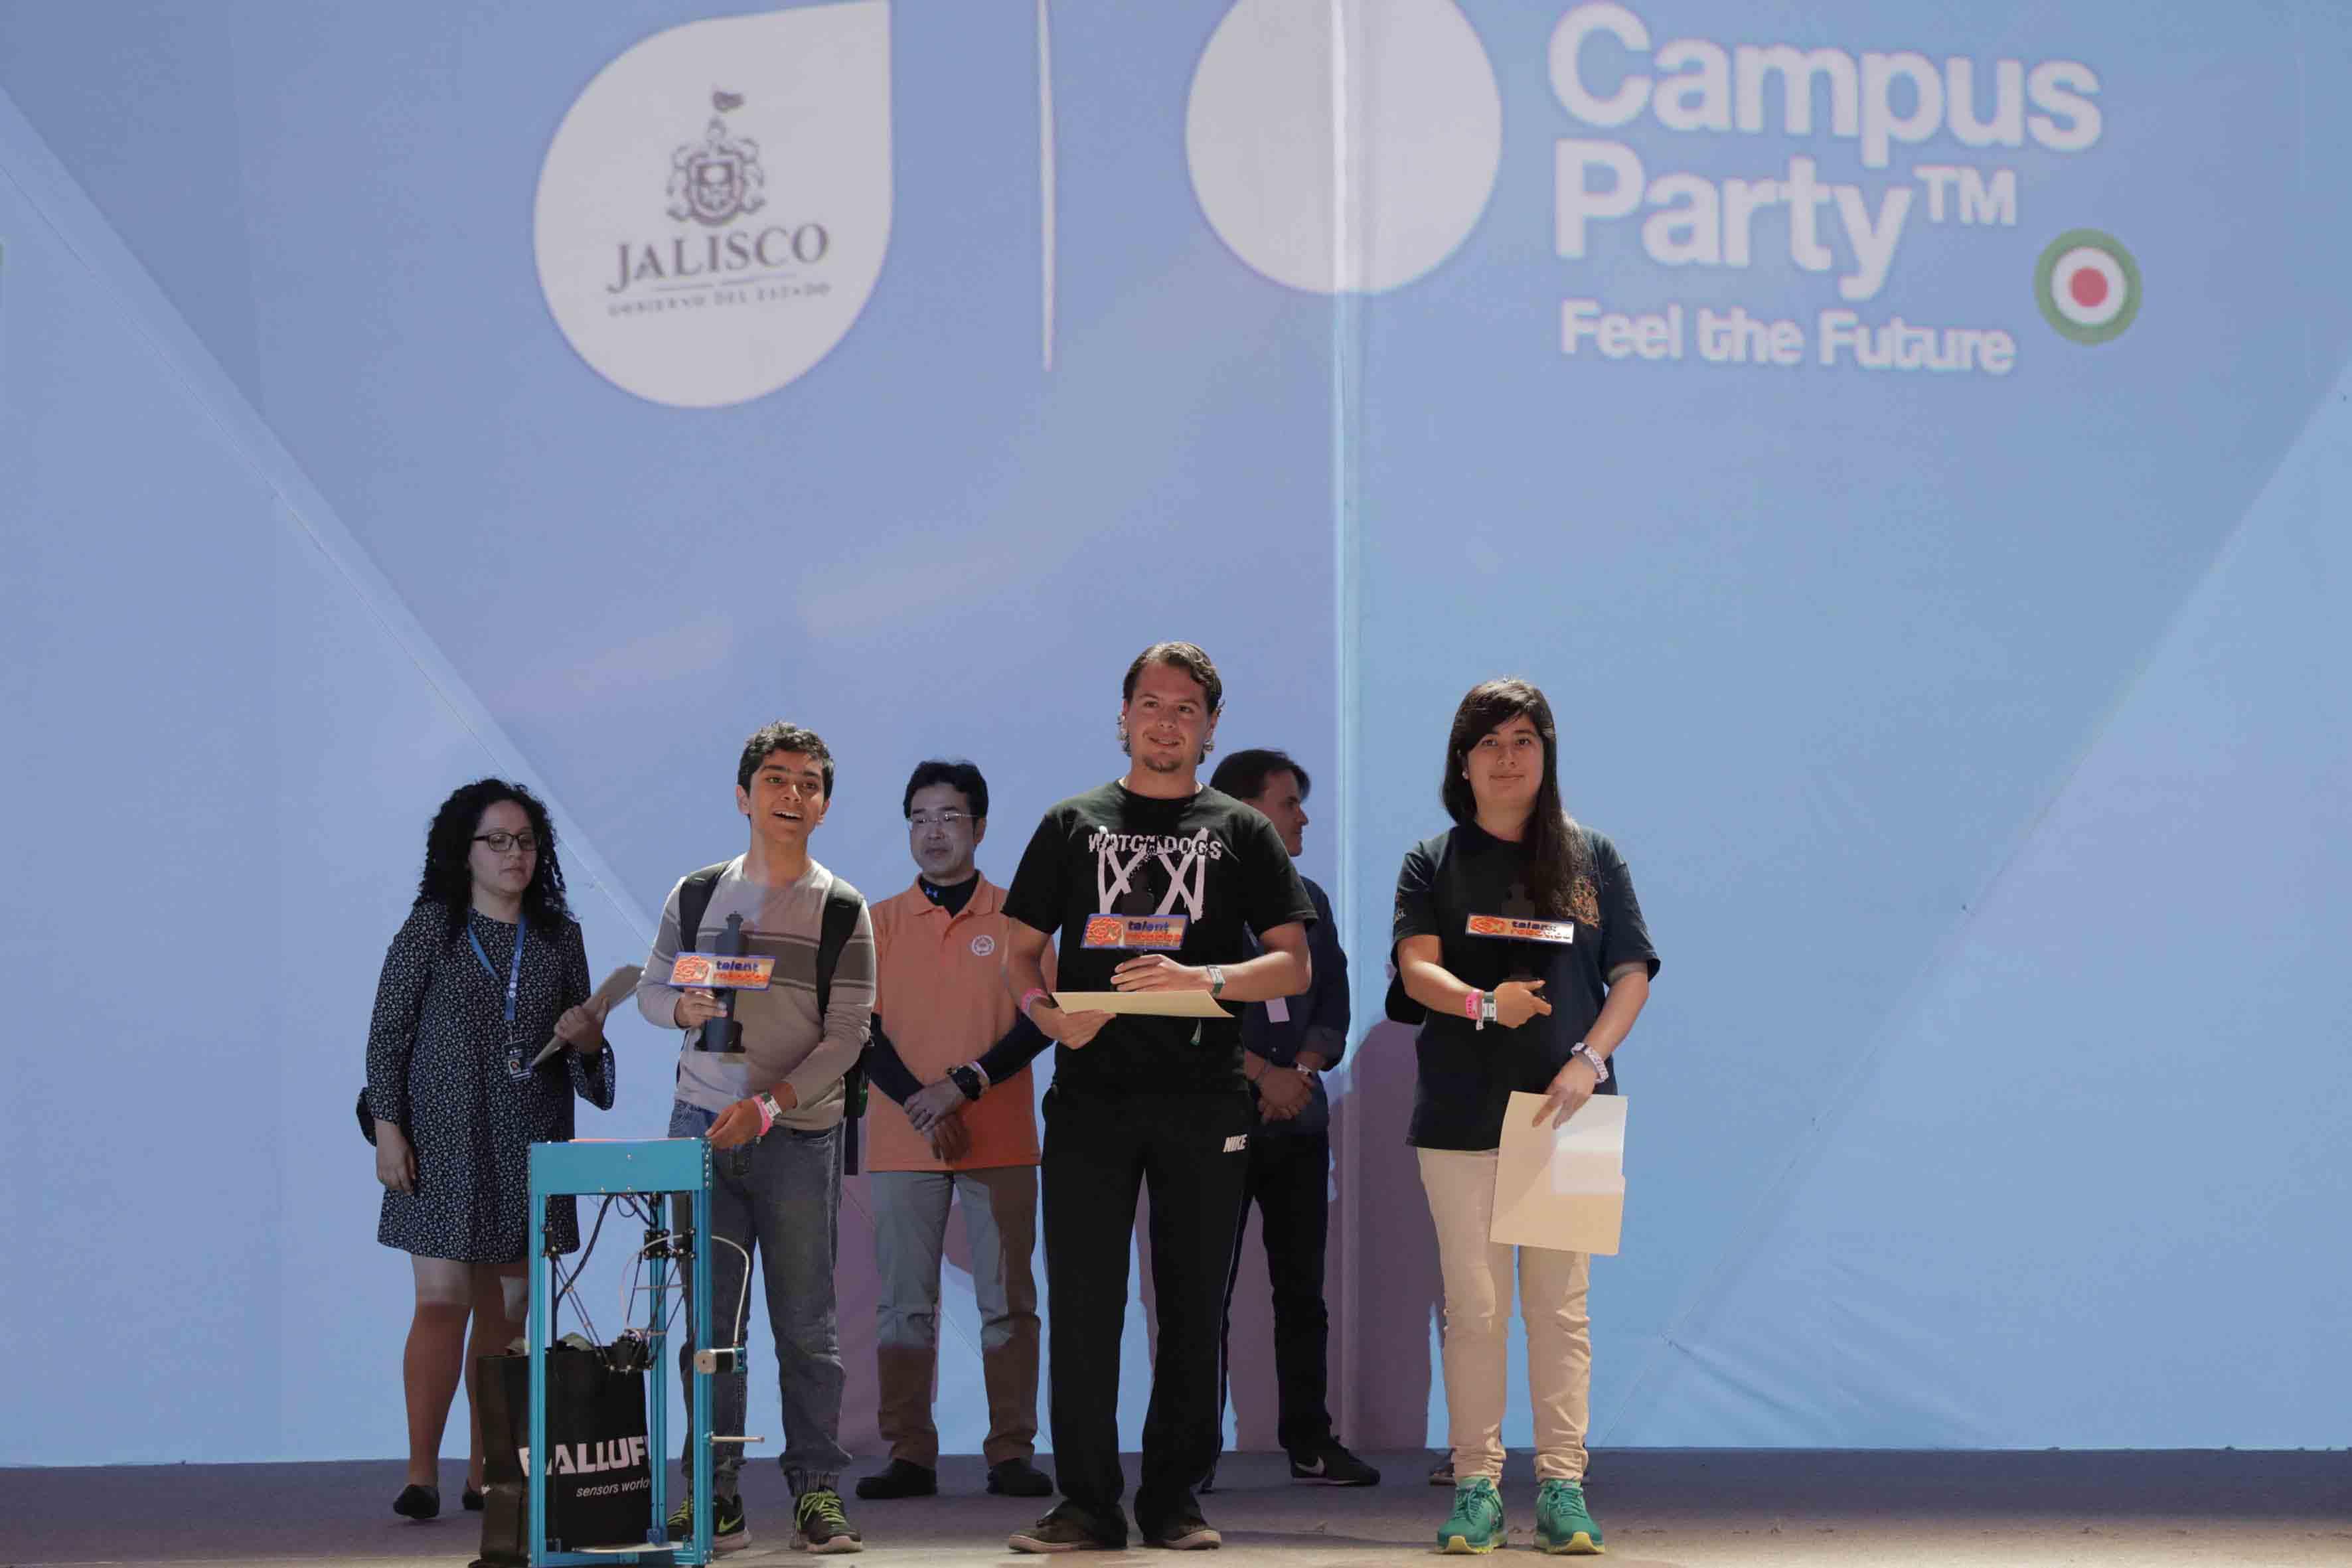 Estudiantes becados por la Universidad de Guadalajara, mostrando sus galardones, frente al público asistente.